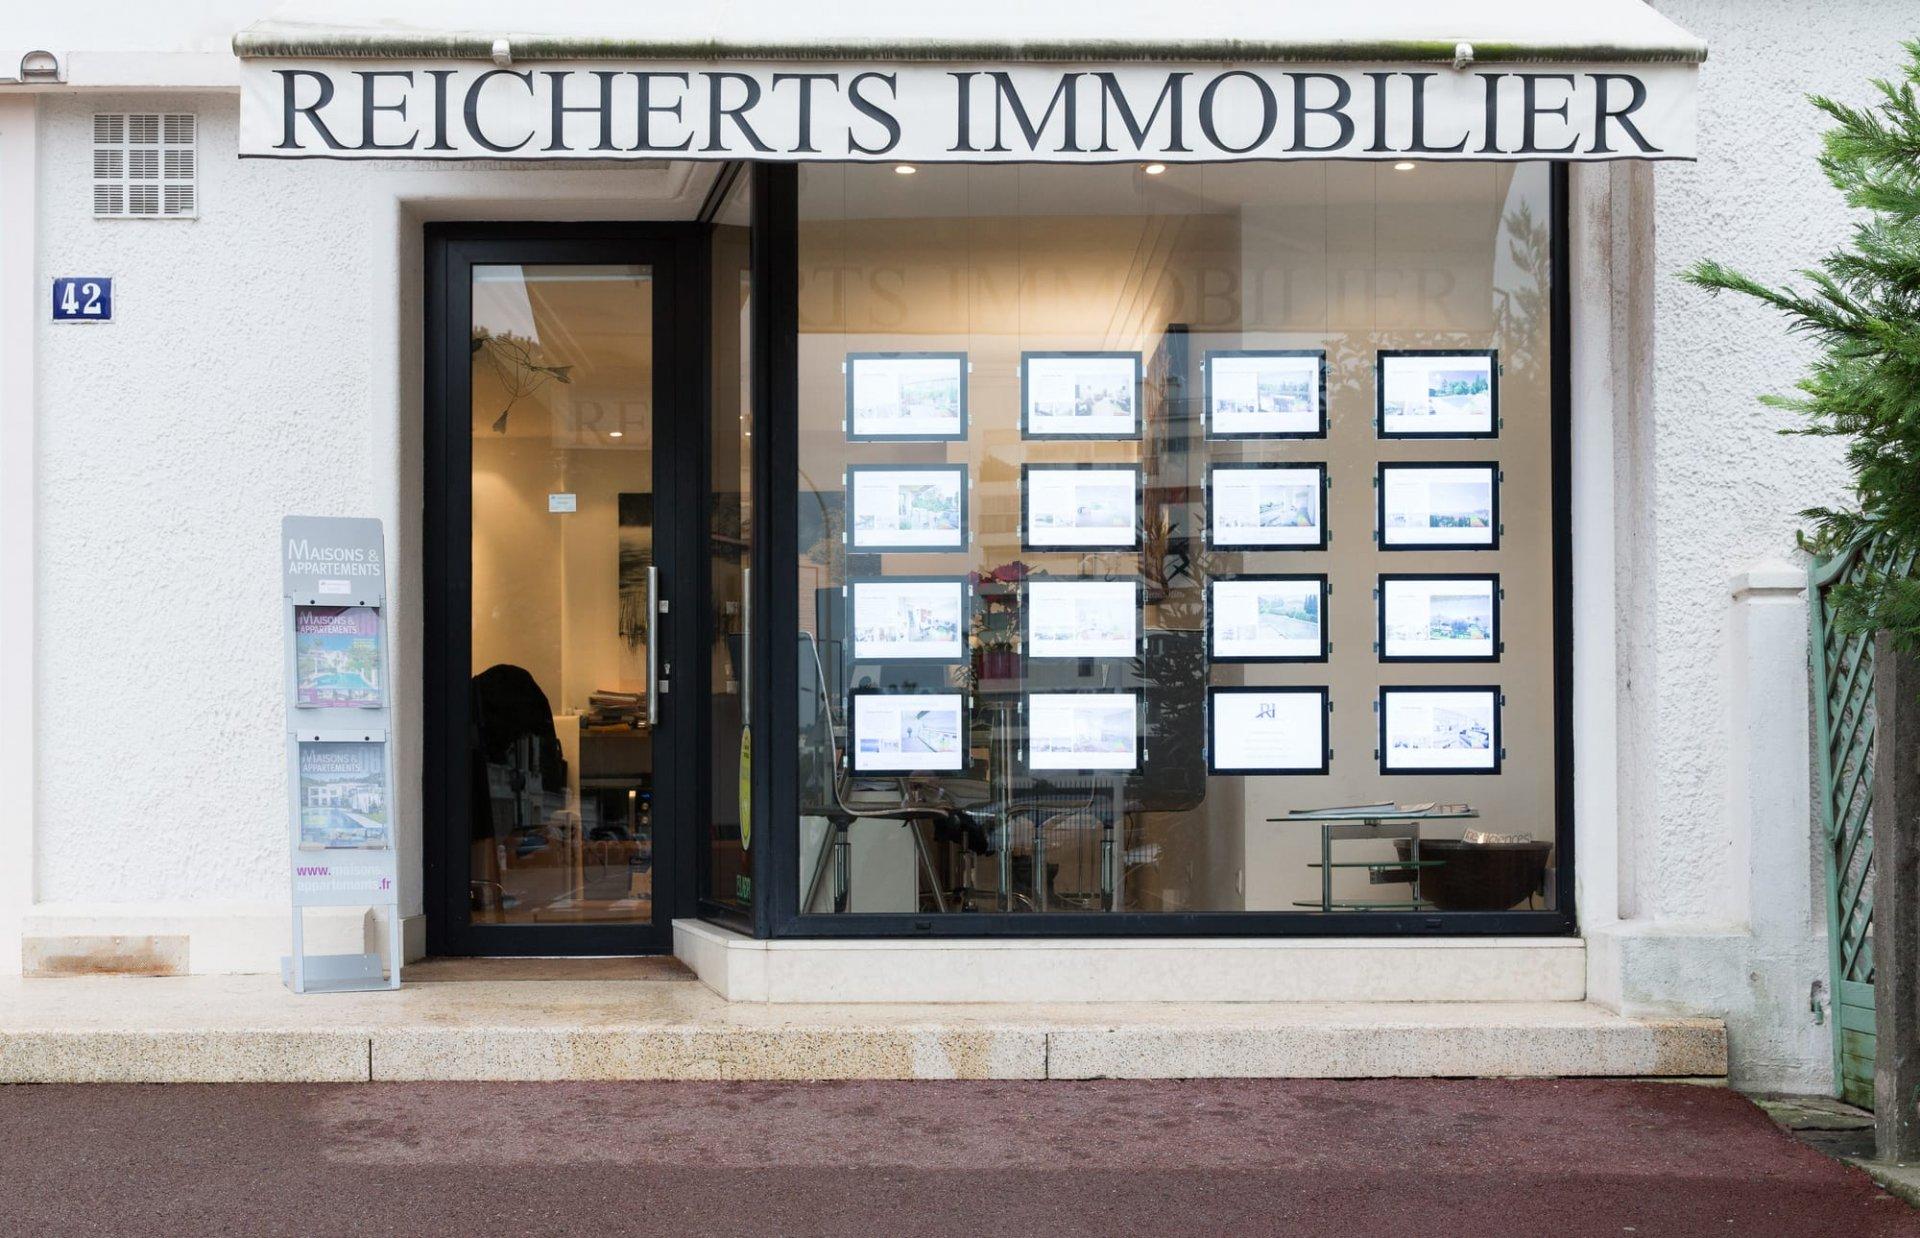 Reicherts Immobilier